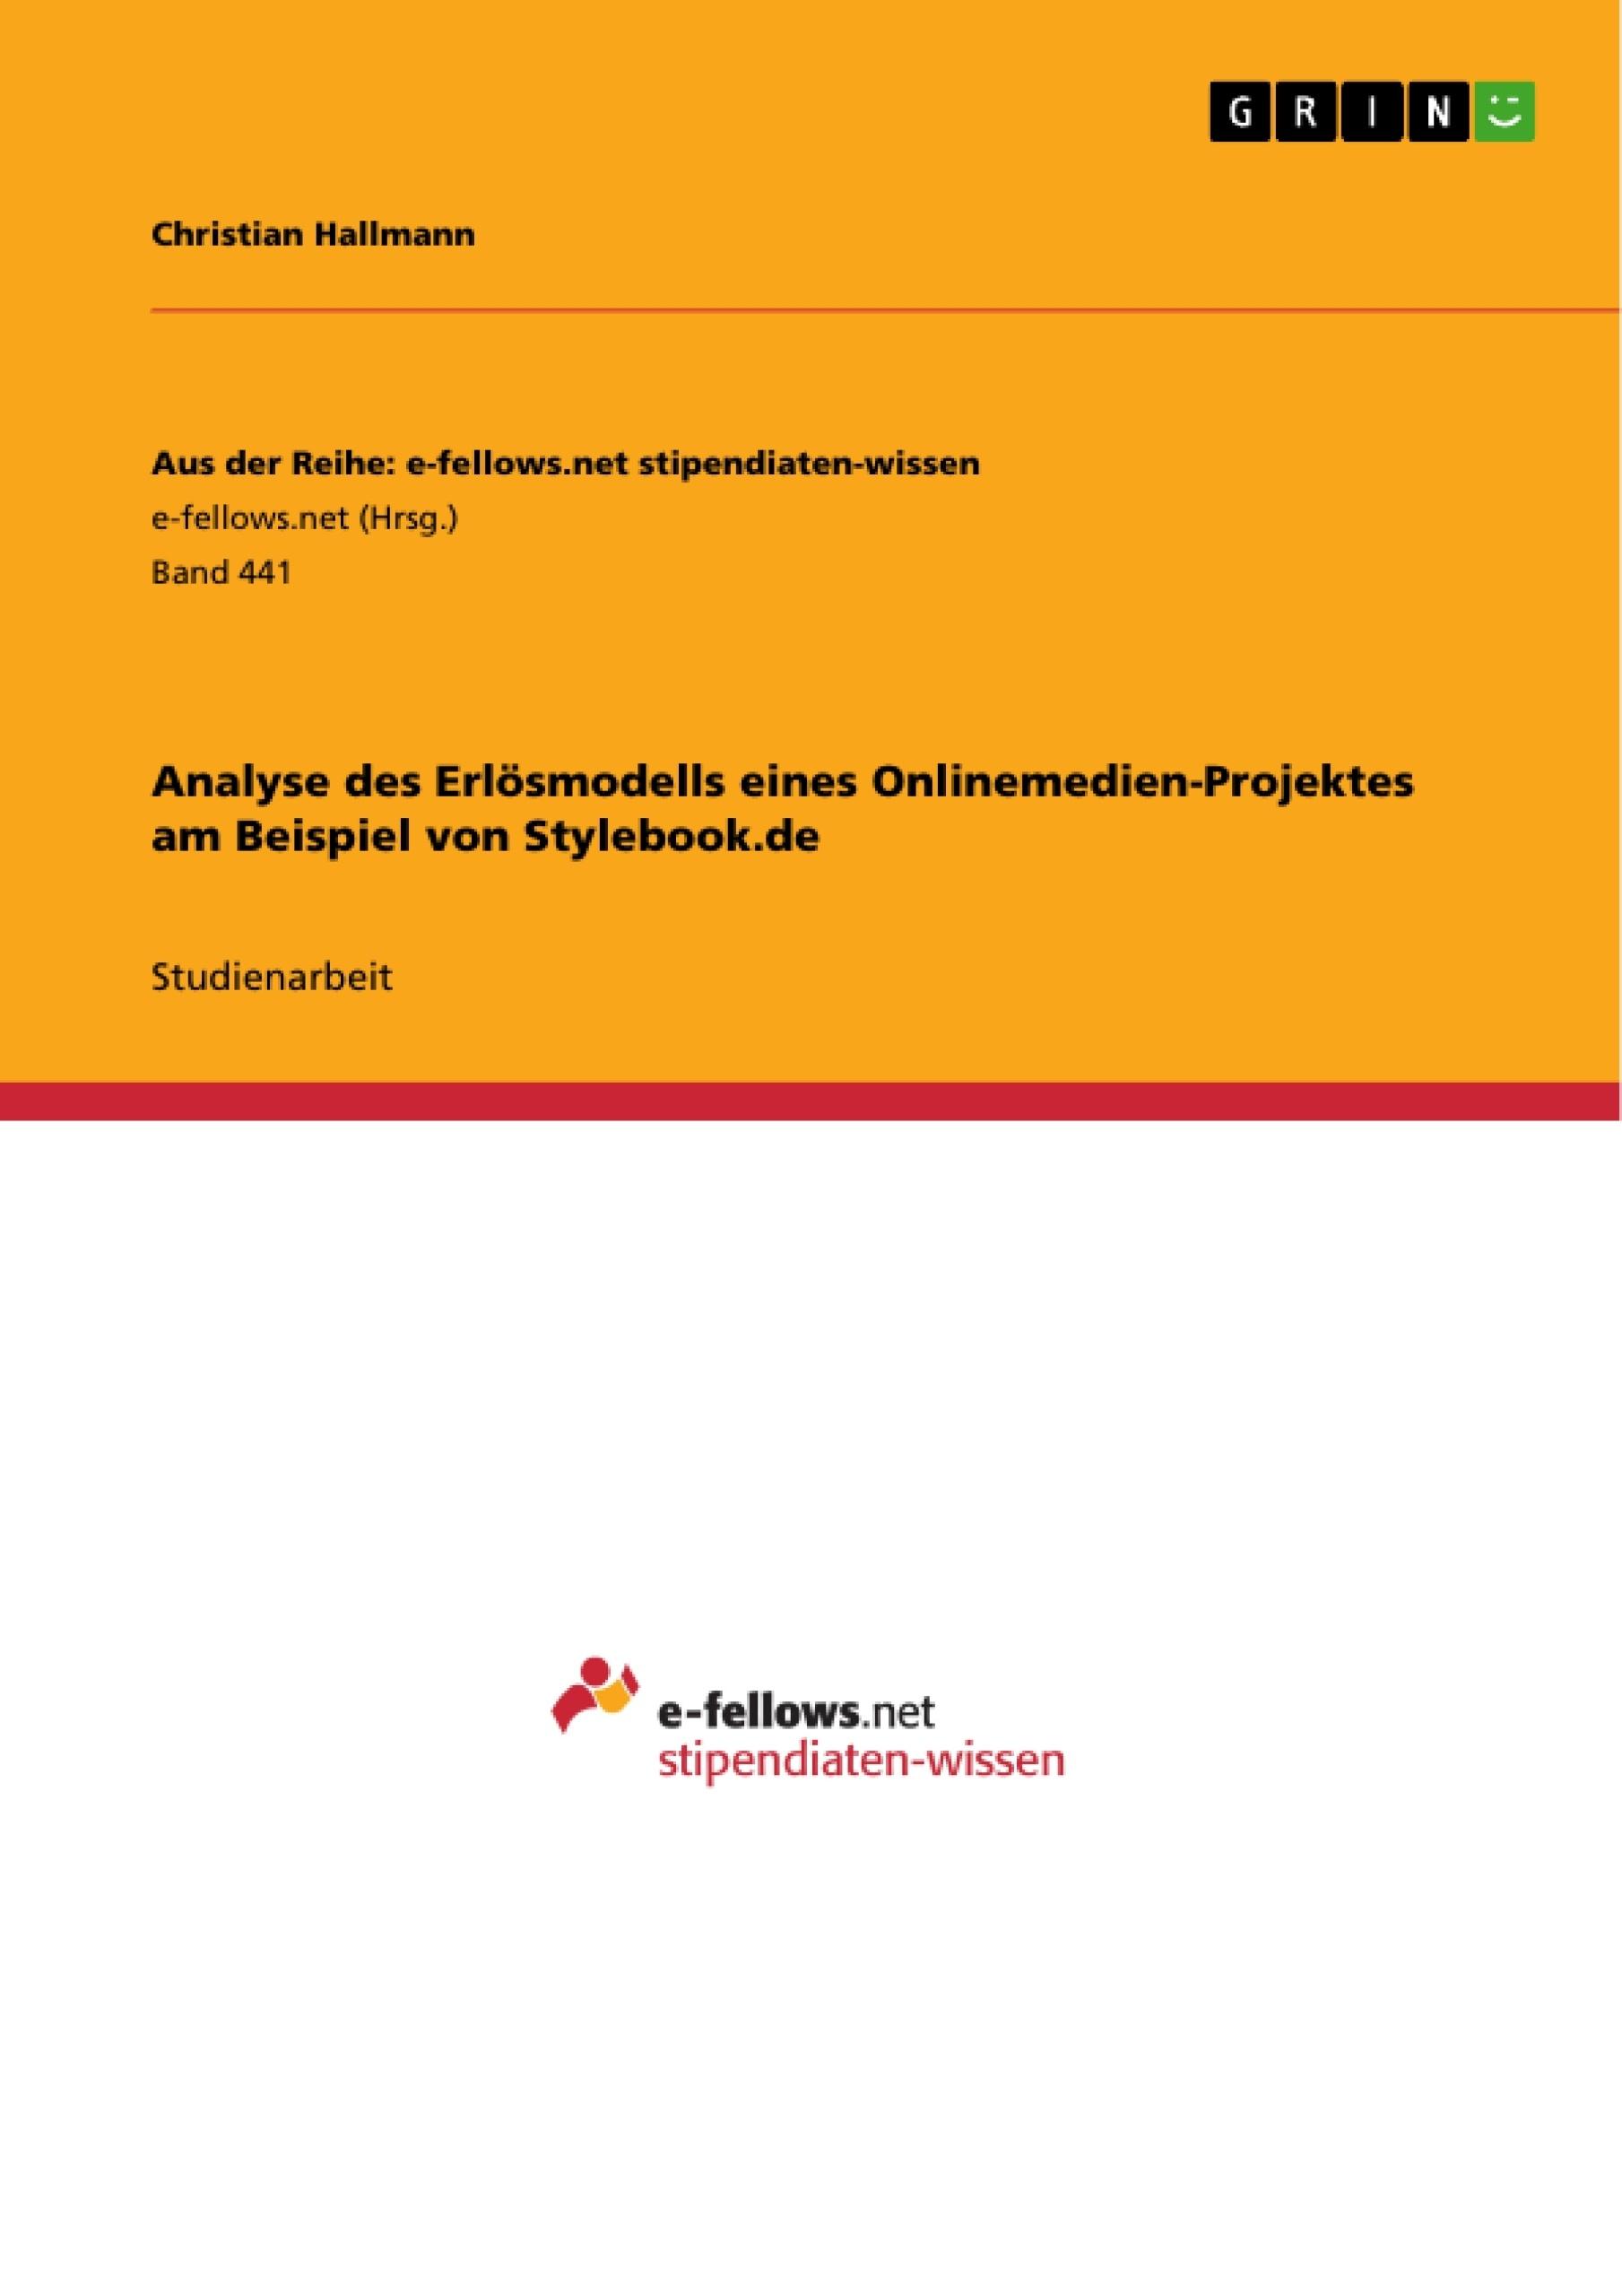 Titel: Analyse des Erlösmodells eines Onlinemedien-Projektes am Beispiel von Stylebook.de